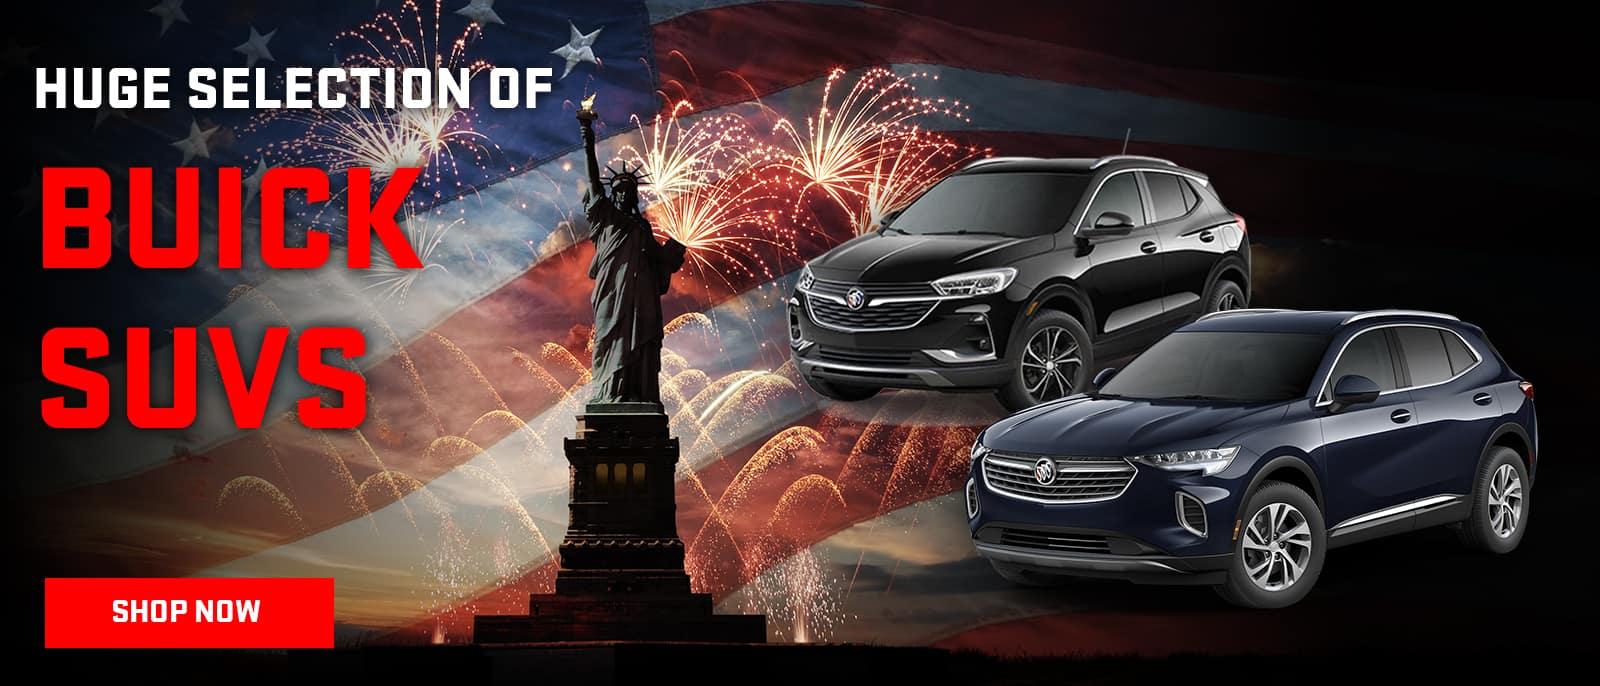 JosephBuickGMCSlider_Patriotic_Buick_SUVs[1]